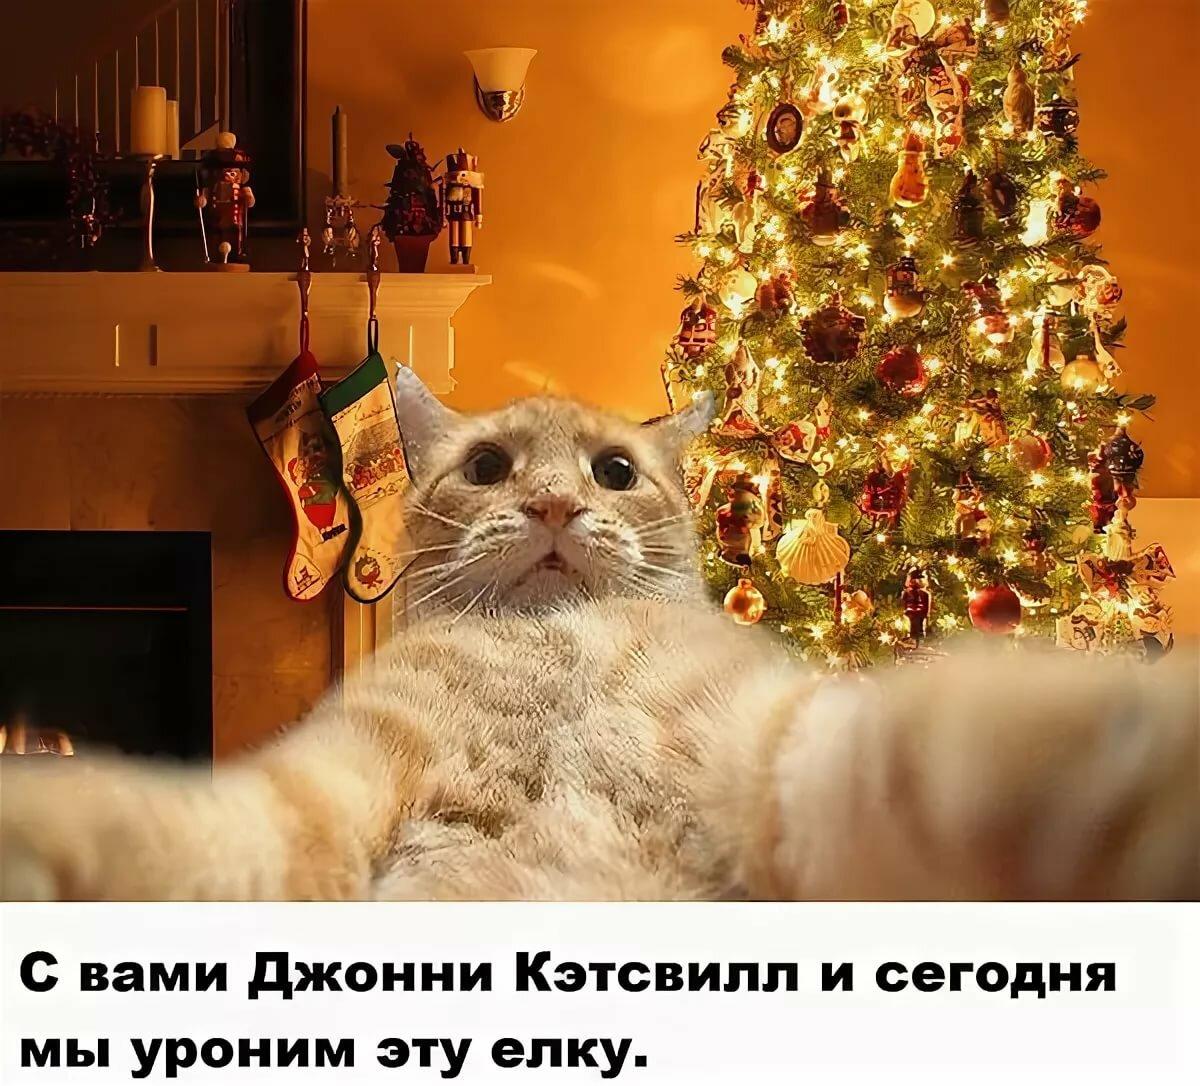 лучше картинка кот читает книгу как повалить елку ноготок одно